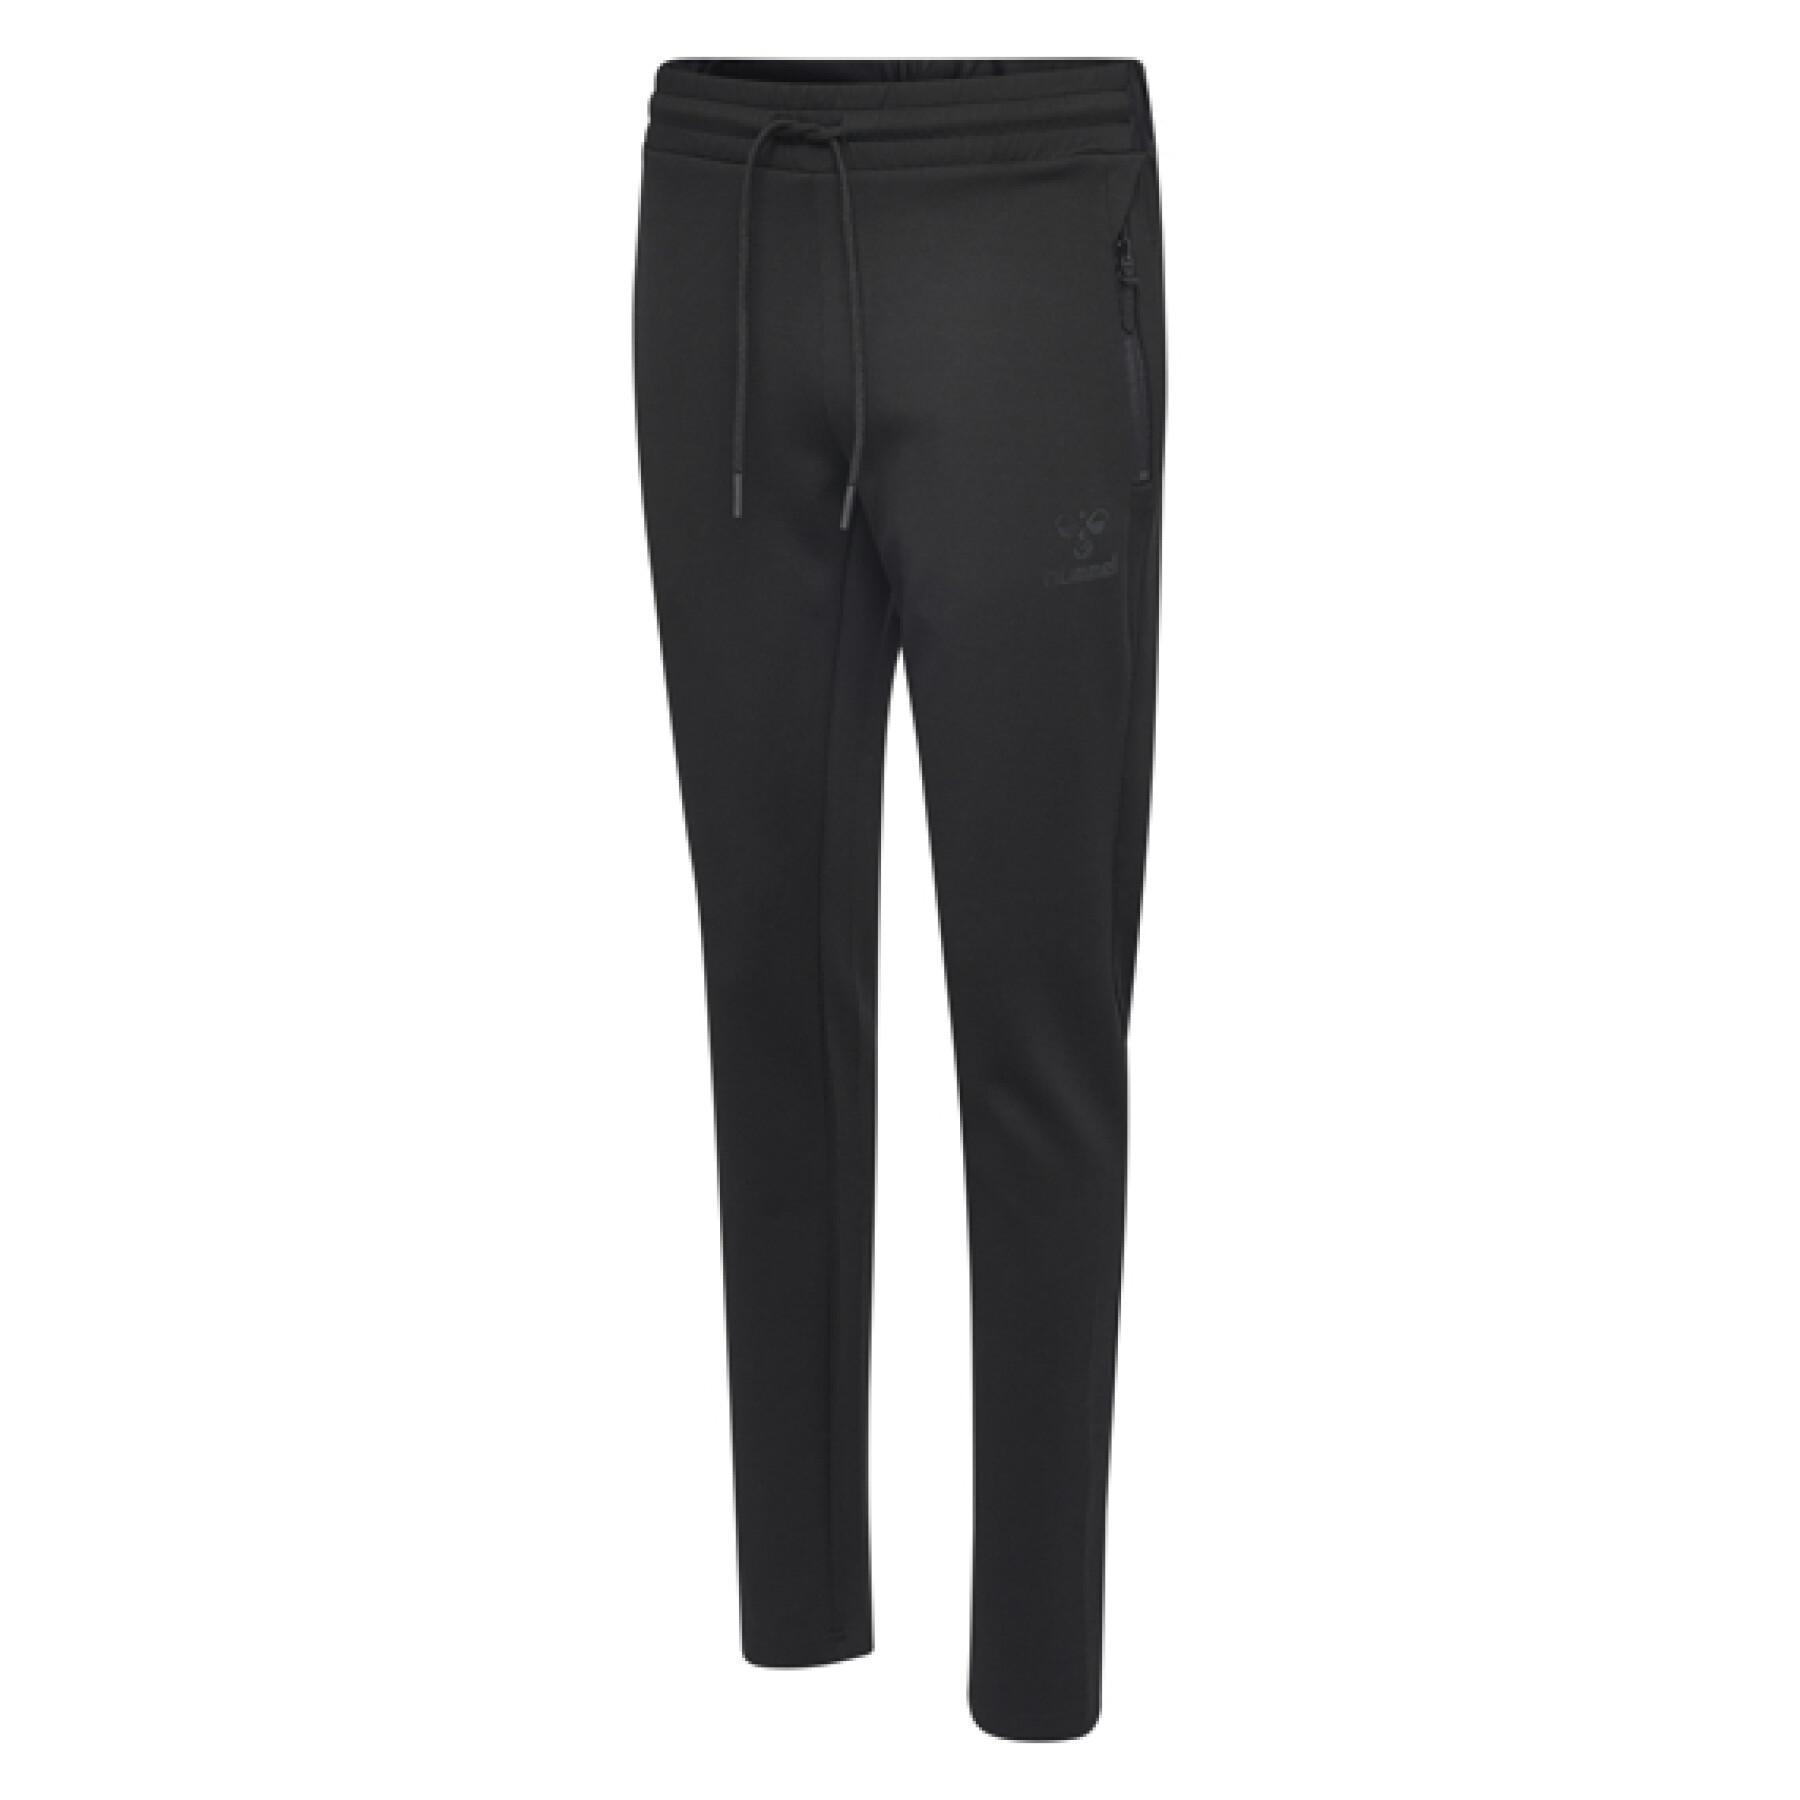 Women's pants Hummel Classic Bee Clio